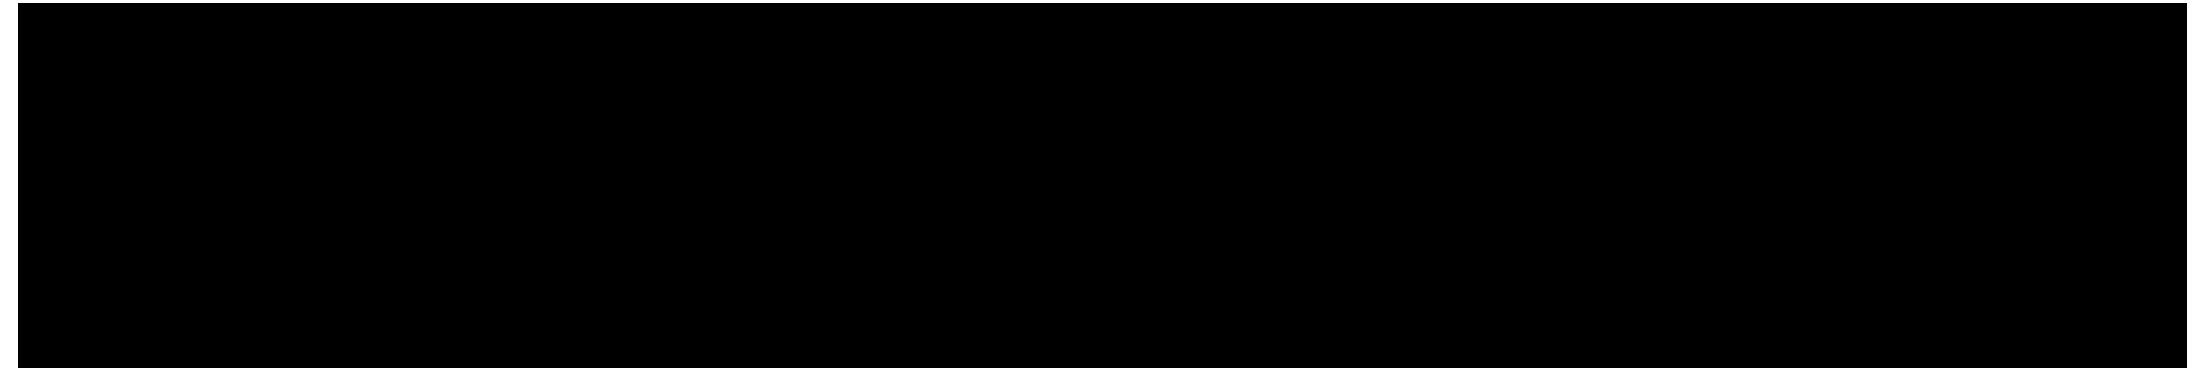 Elevaate